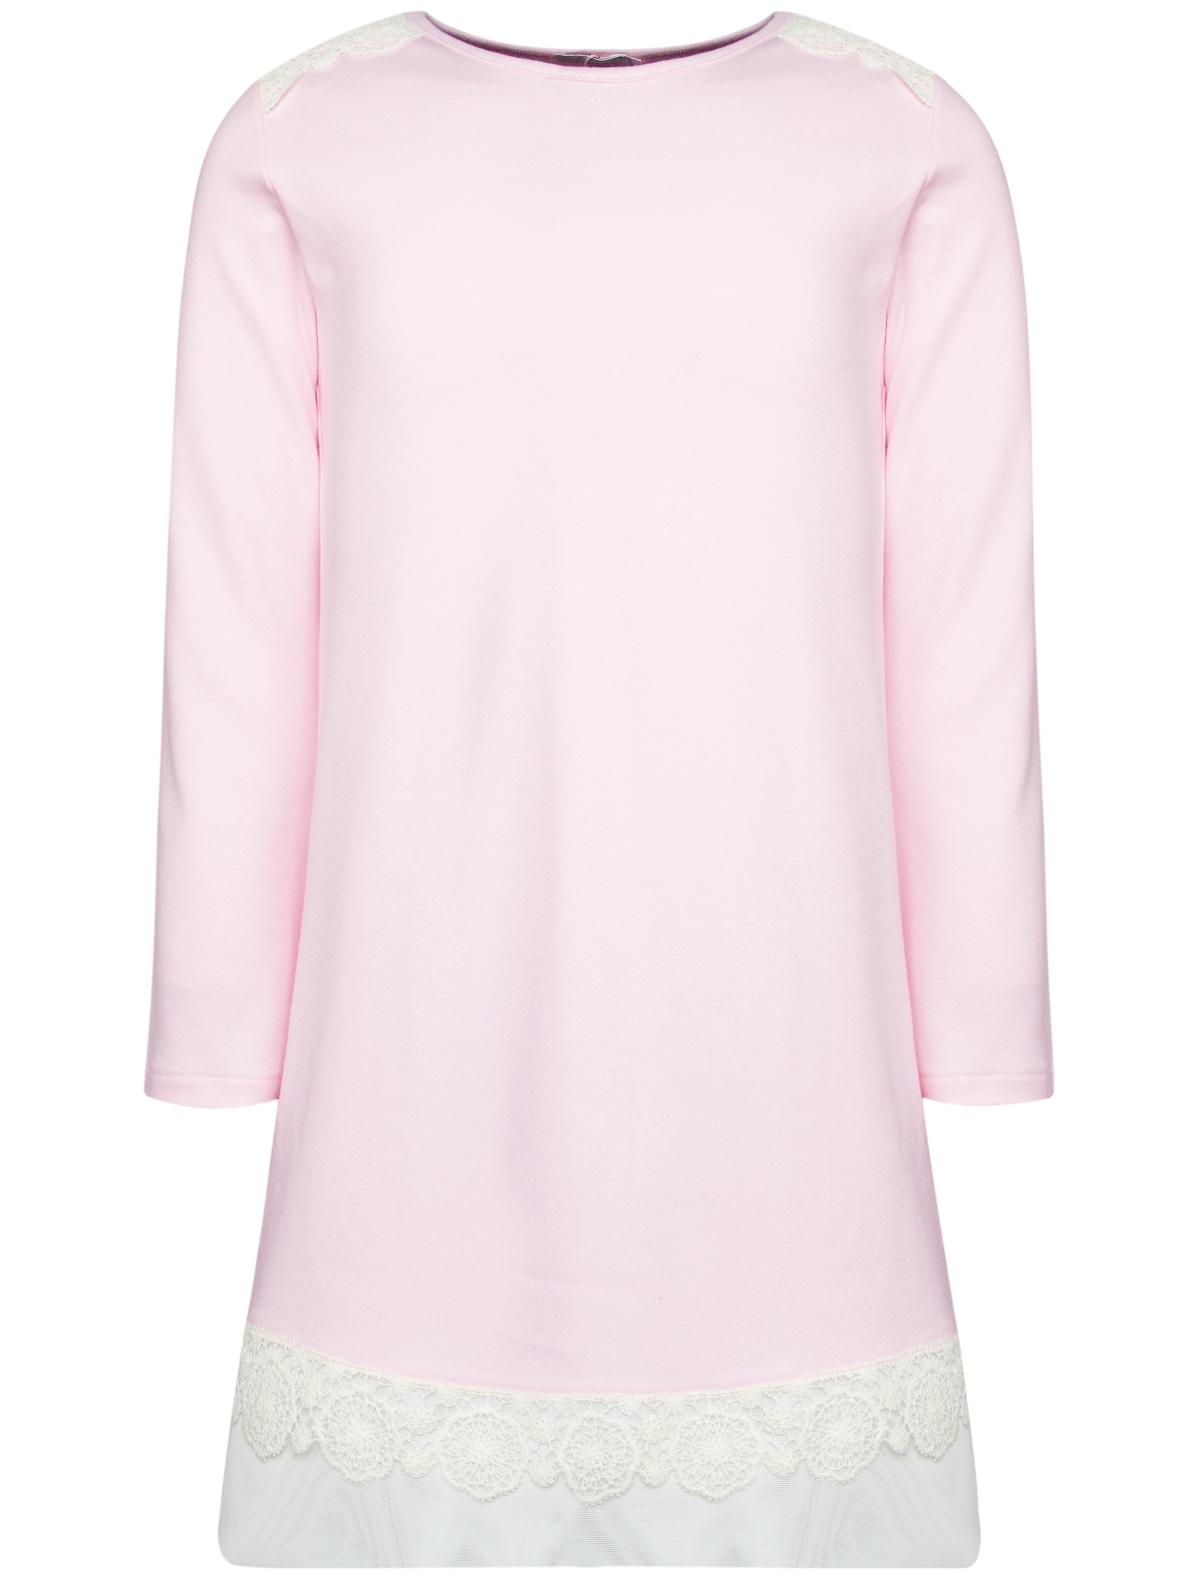 Купить 1929178, Ночная рубашка Sottocoperta, розовый, Женский, 3342609781100